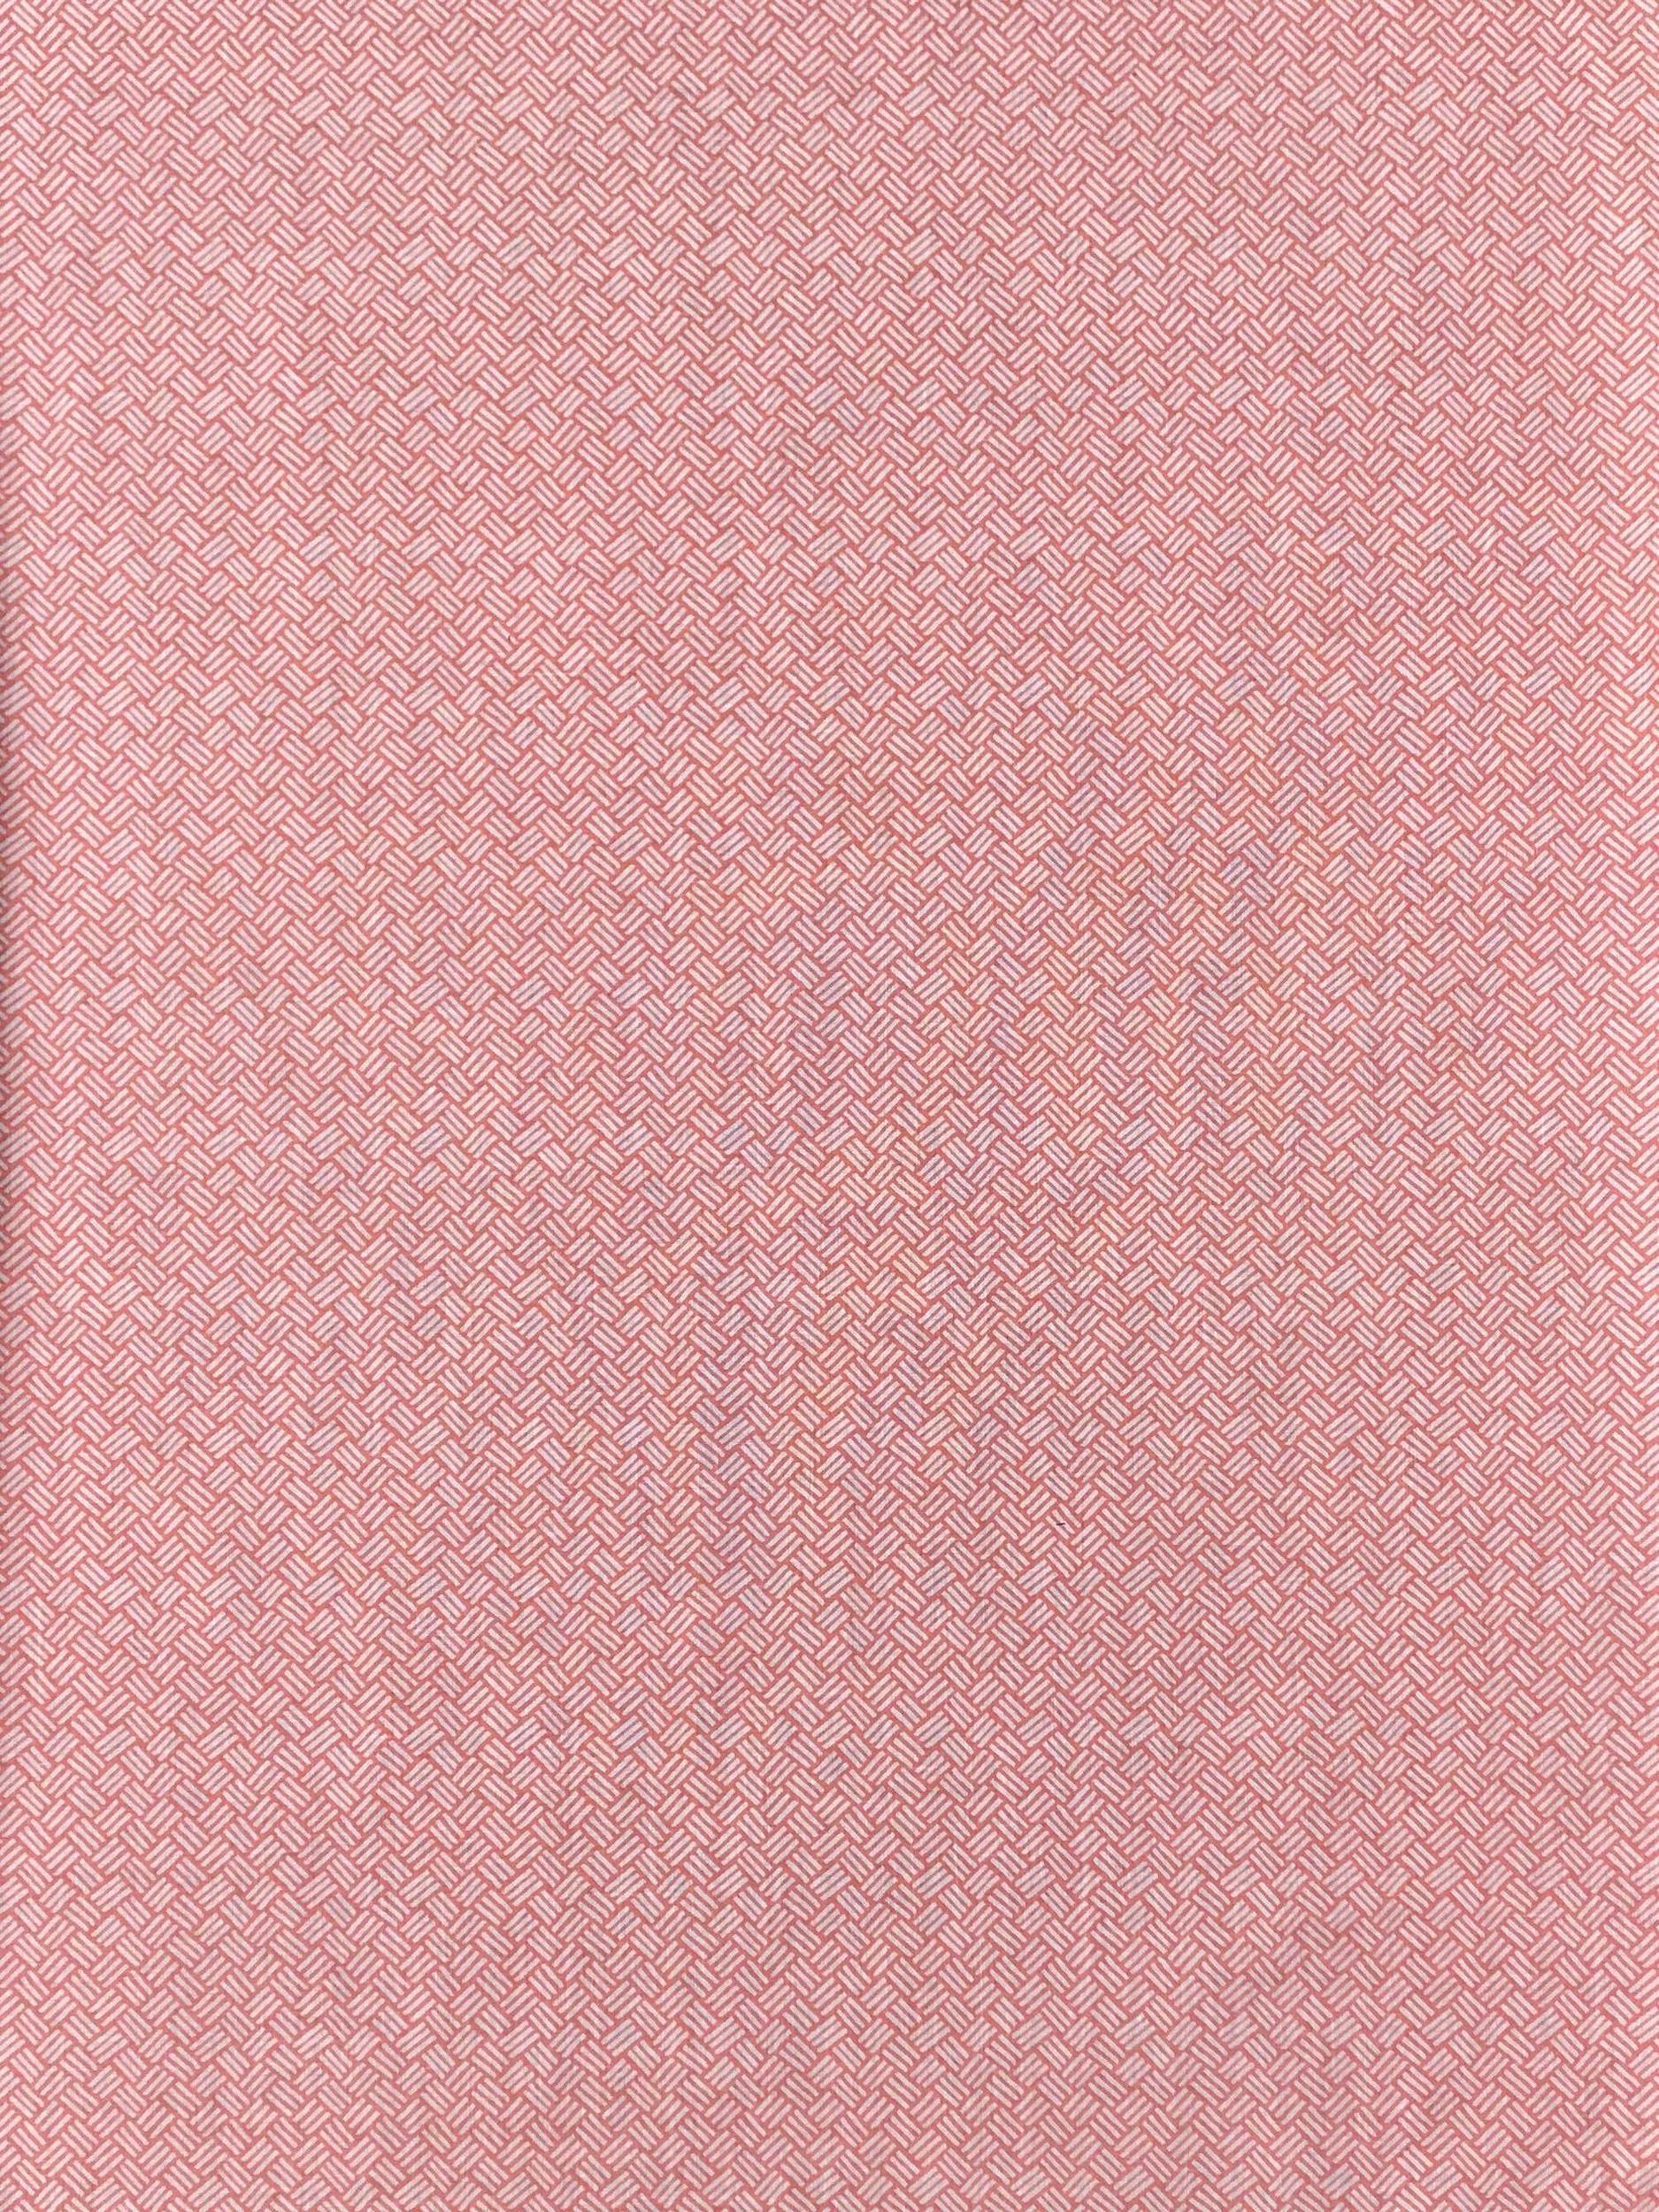 Basketweave in Coral Pink, KF202-05